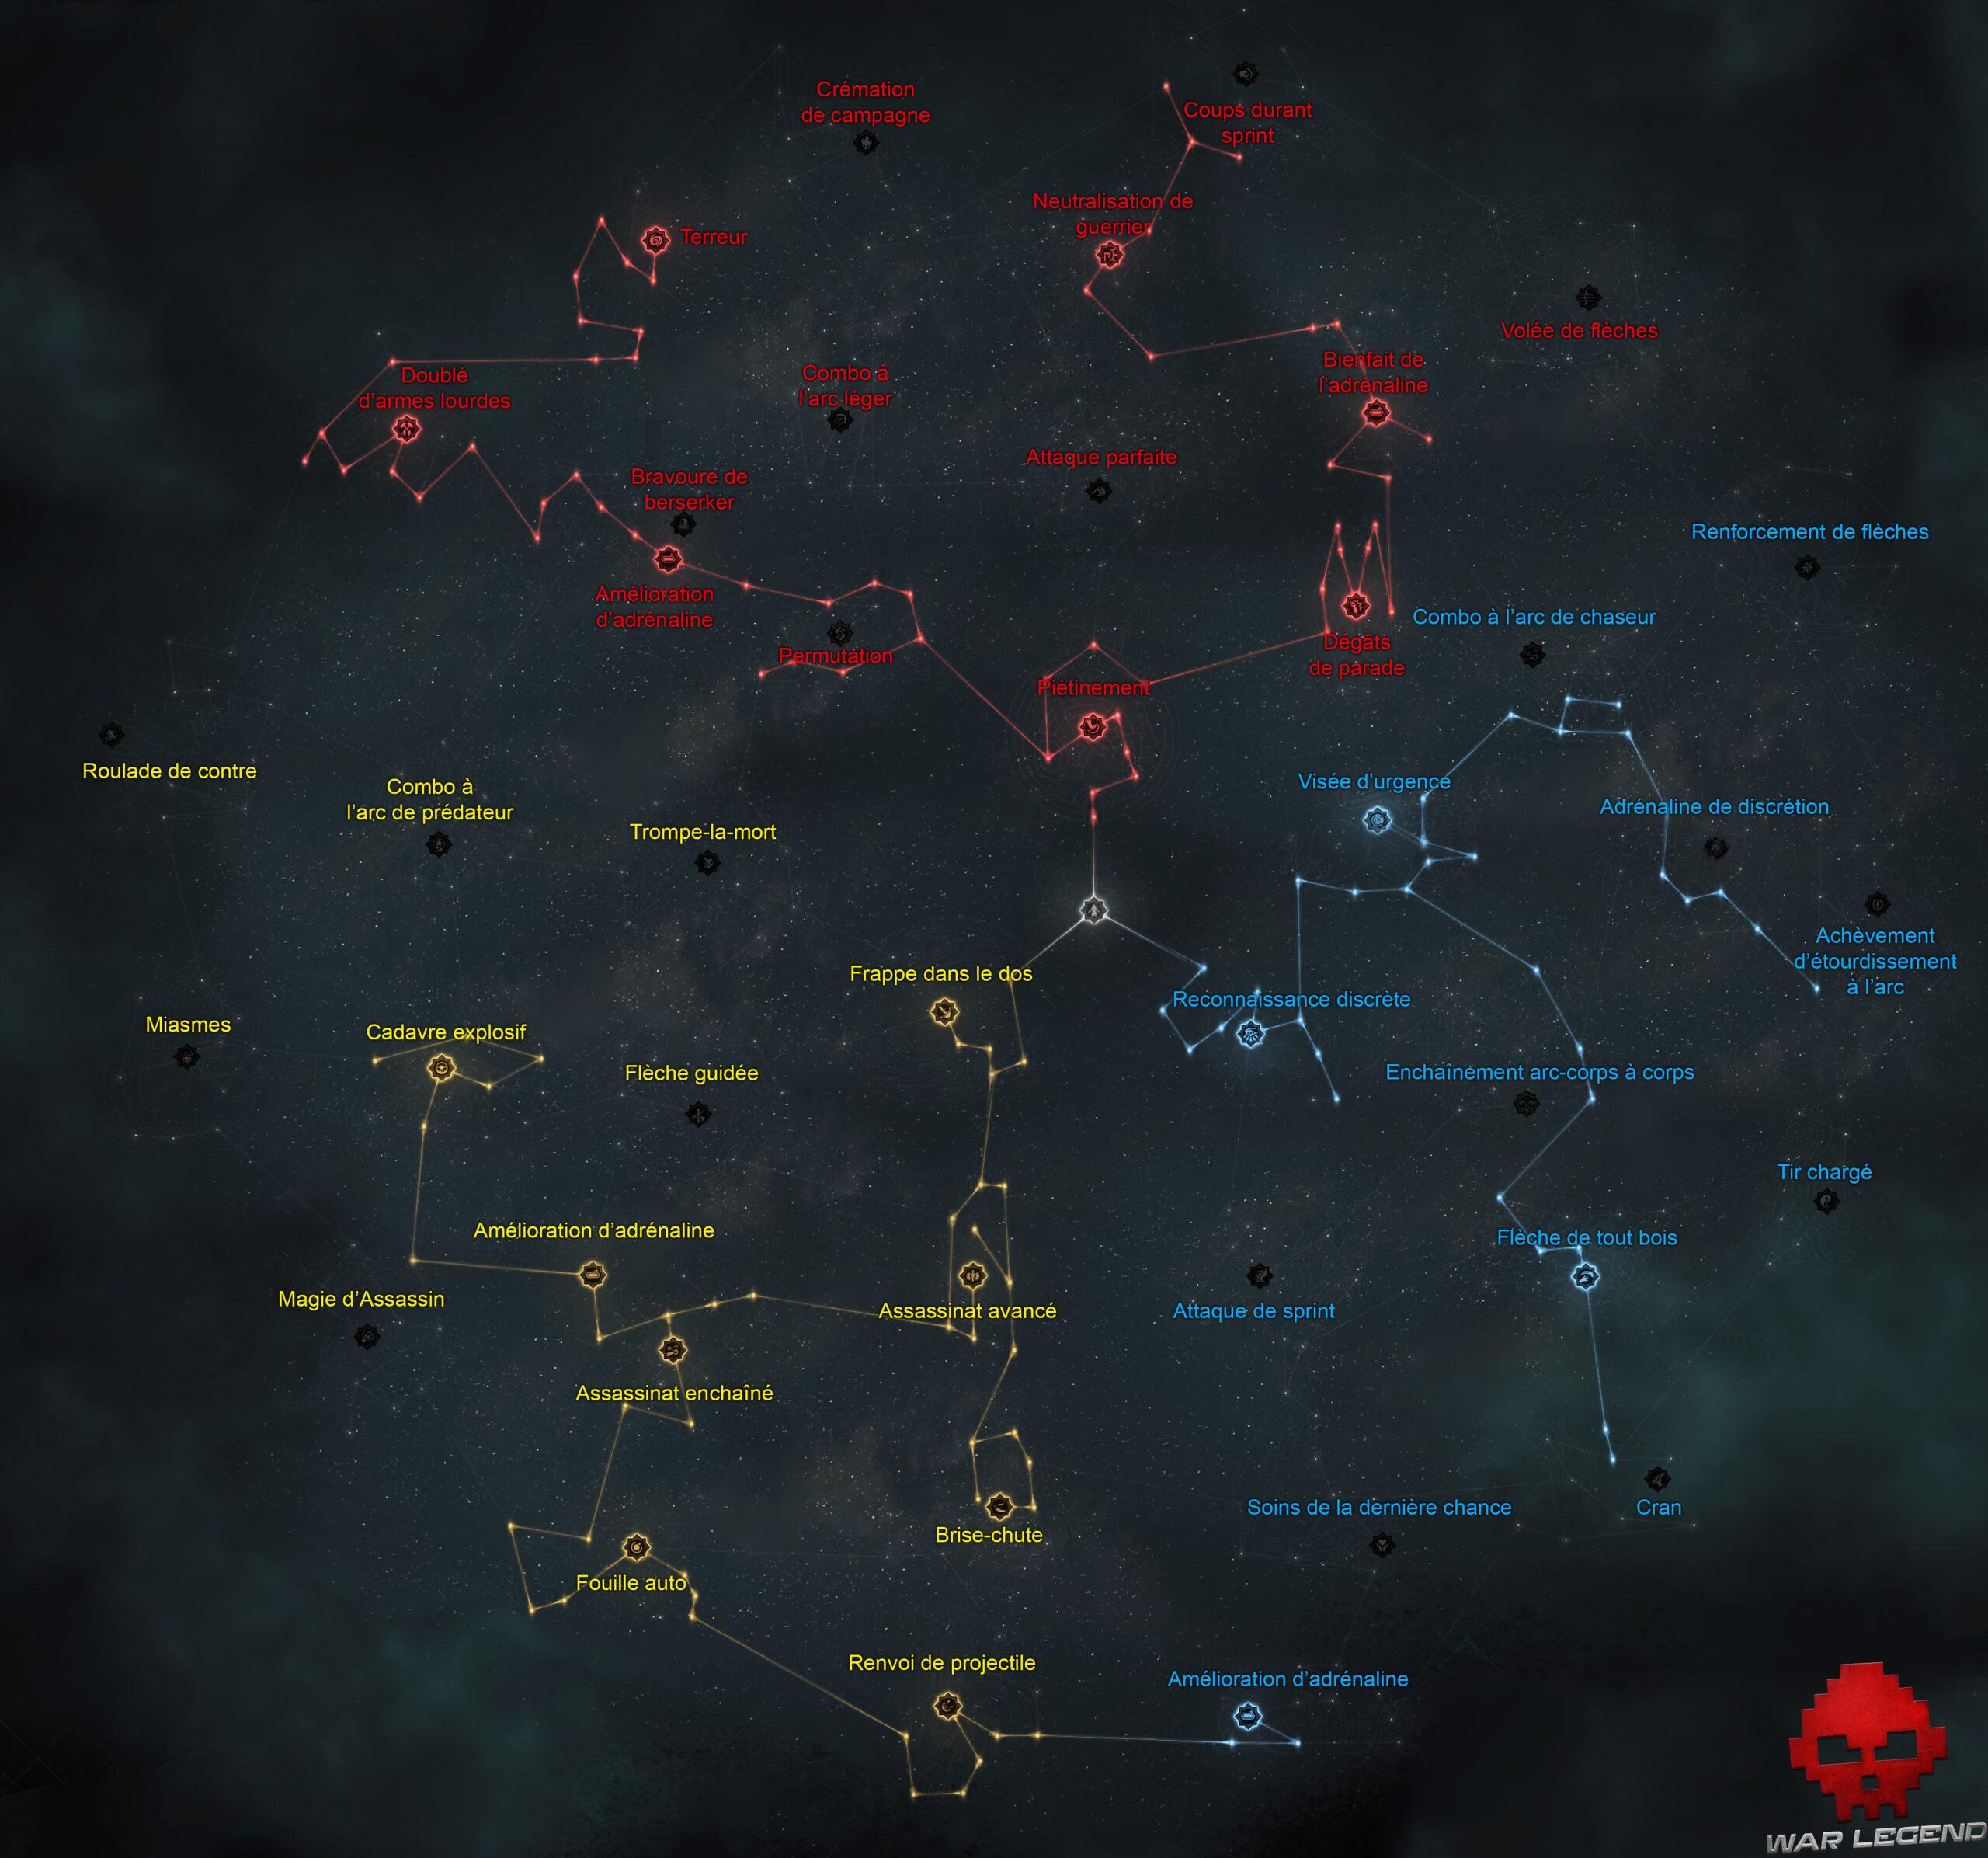 Toutes les compétences d'Assassin's Creed Valhalla avec leurs noms